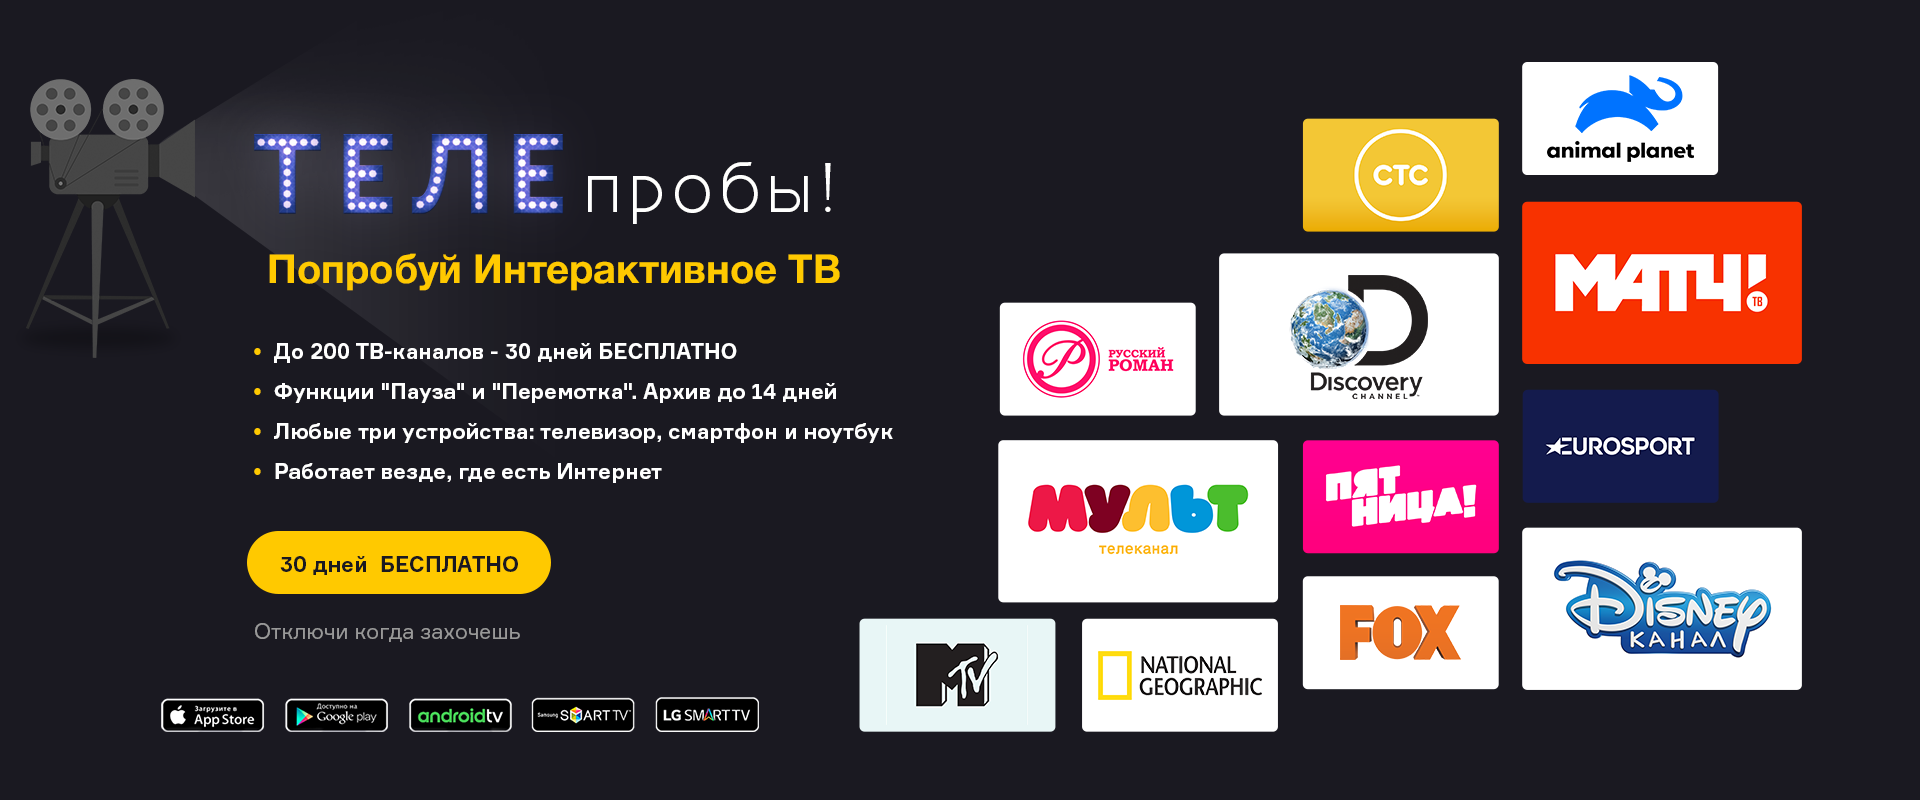 Смотрёшка - 200 каналов бесплатно на 30 дней